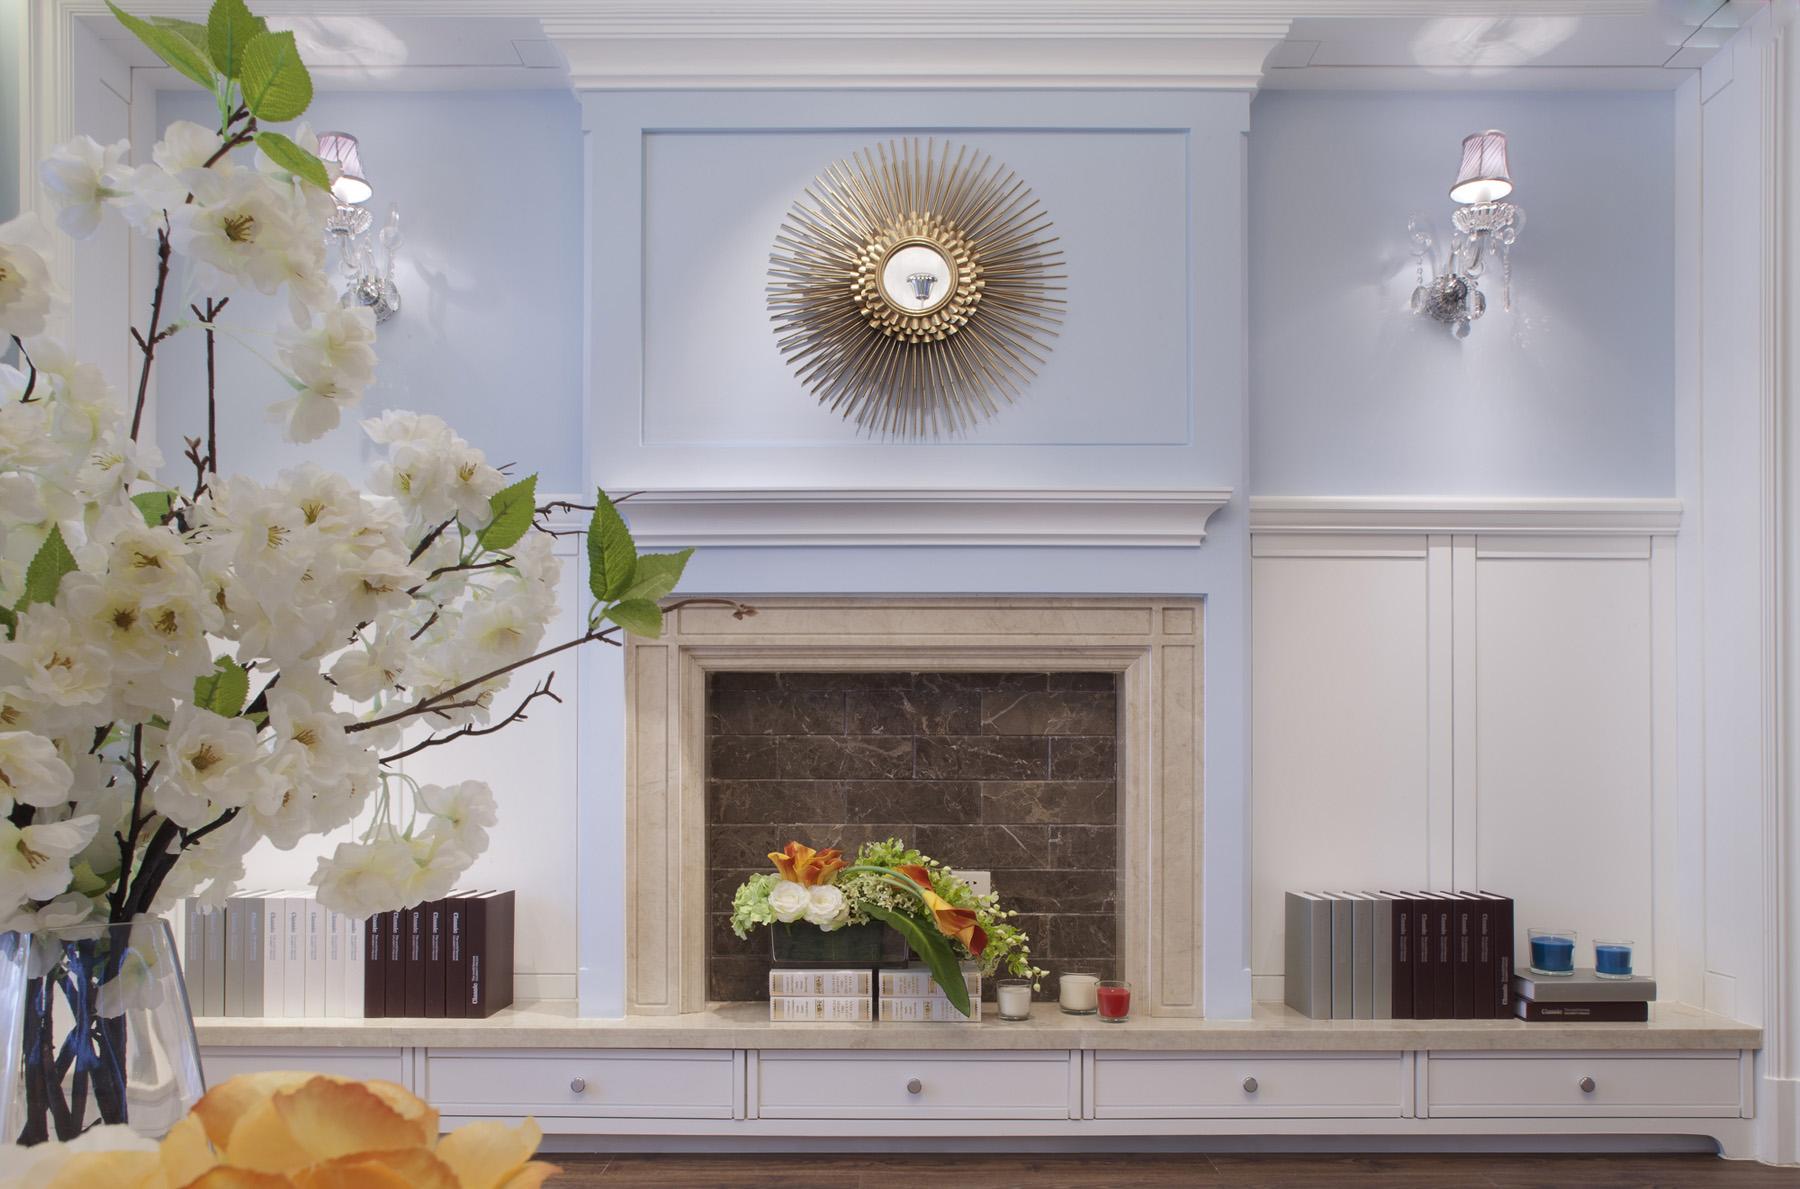 背景墙以白色搭配餐桌加桌椅为搭配,与上面很好的相呼应